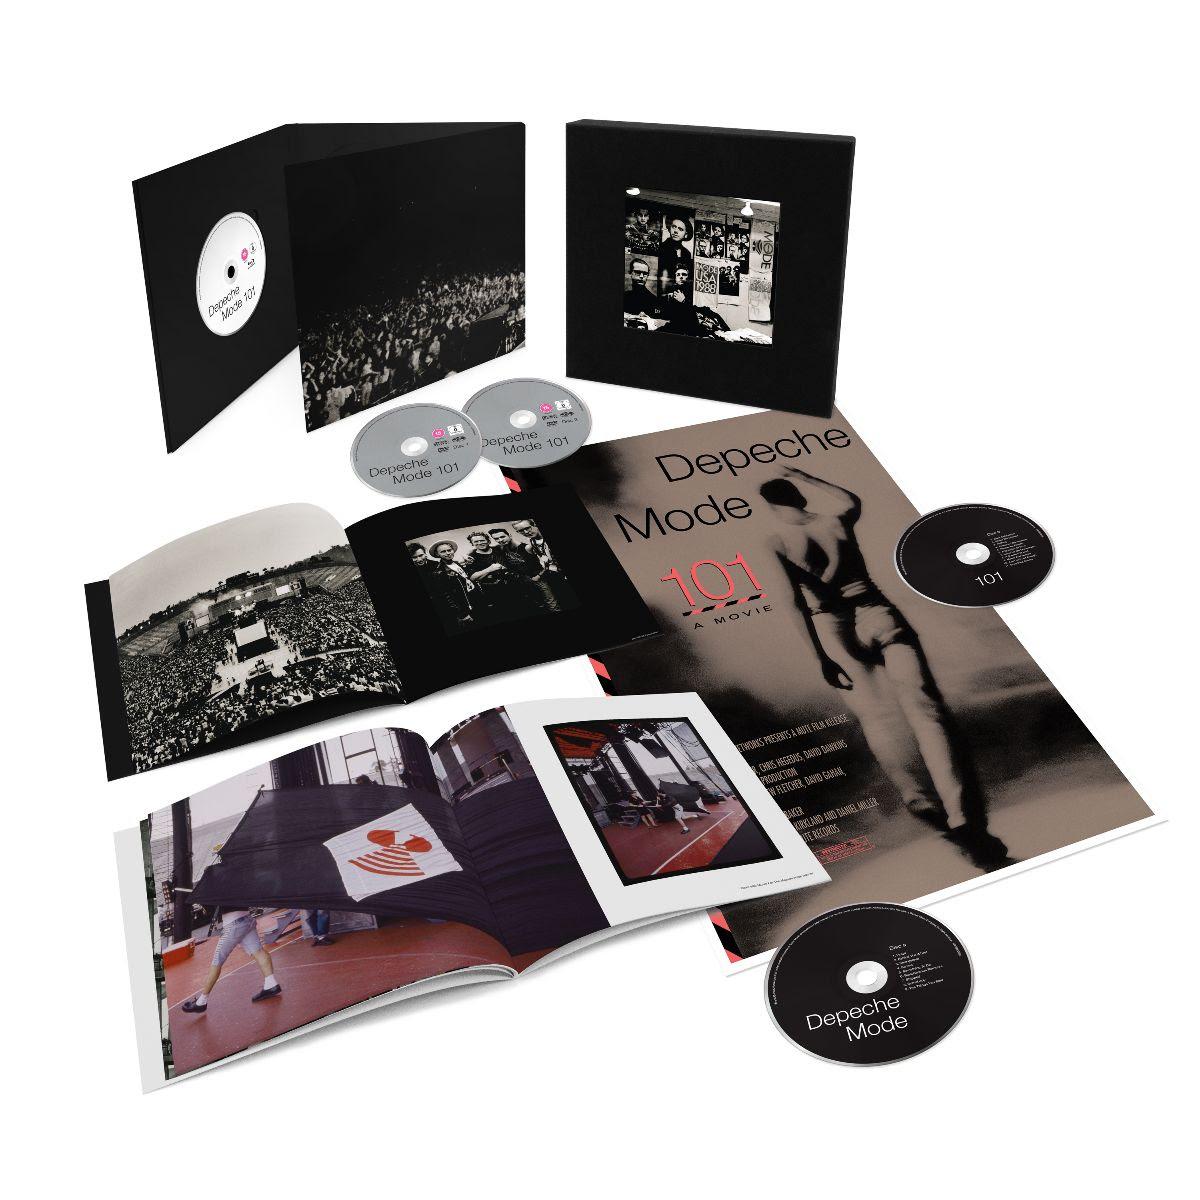 News – Depeche Mode – 101 Box set